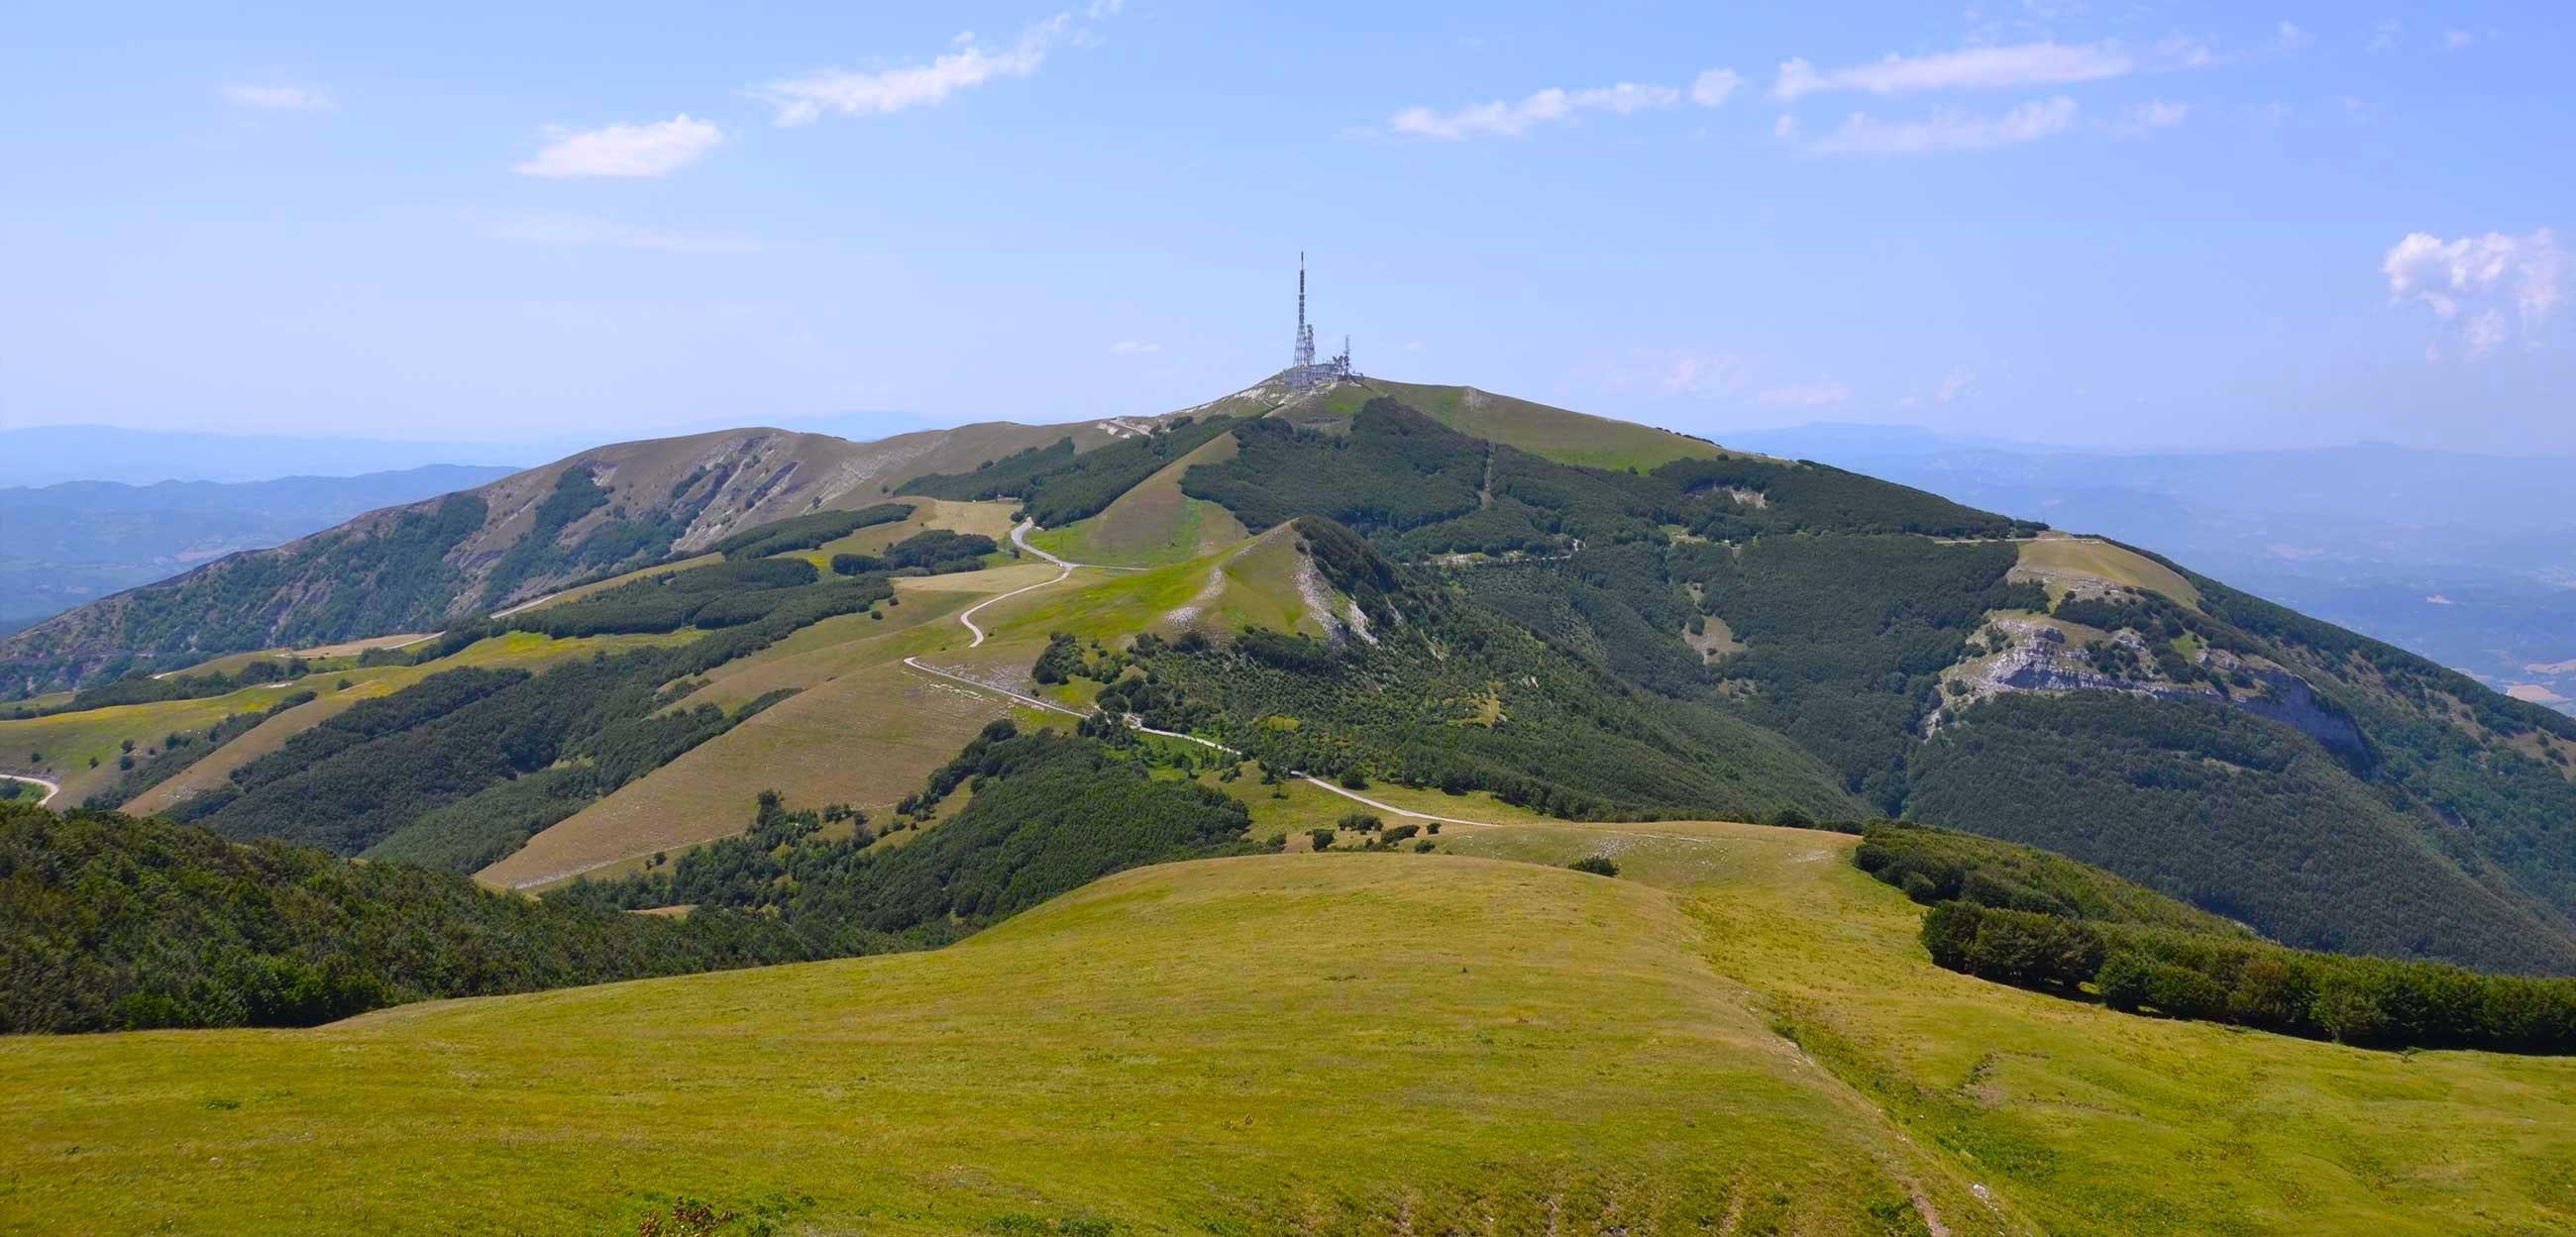 1519144012191476 monte nerone